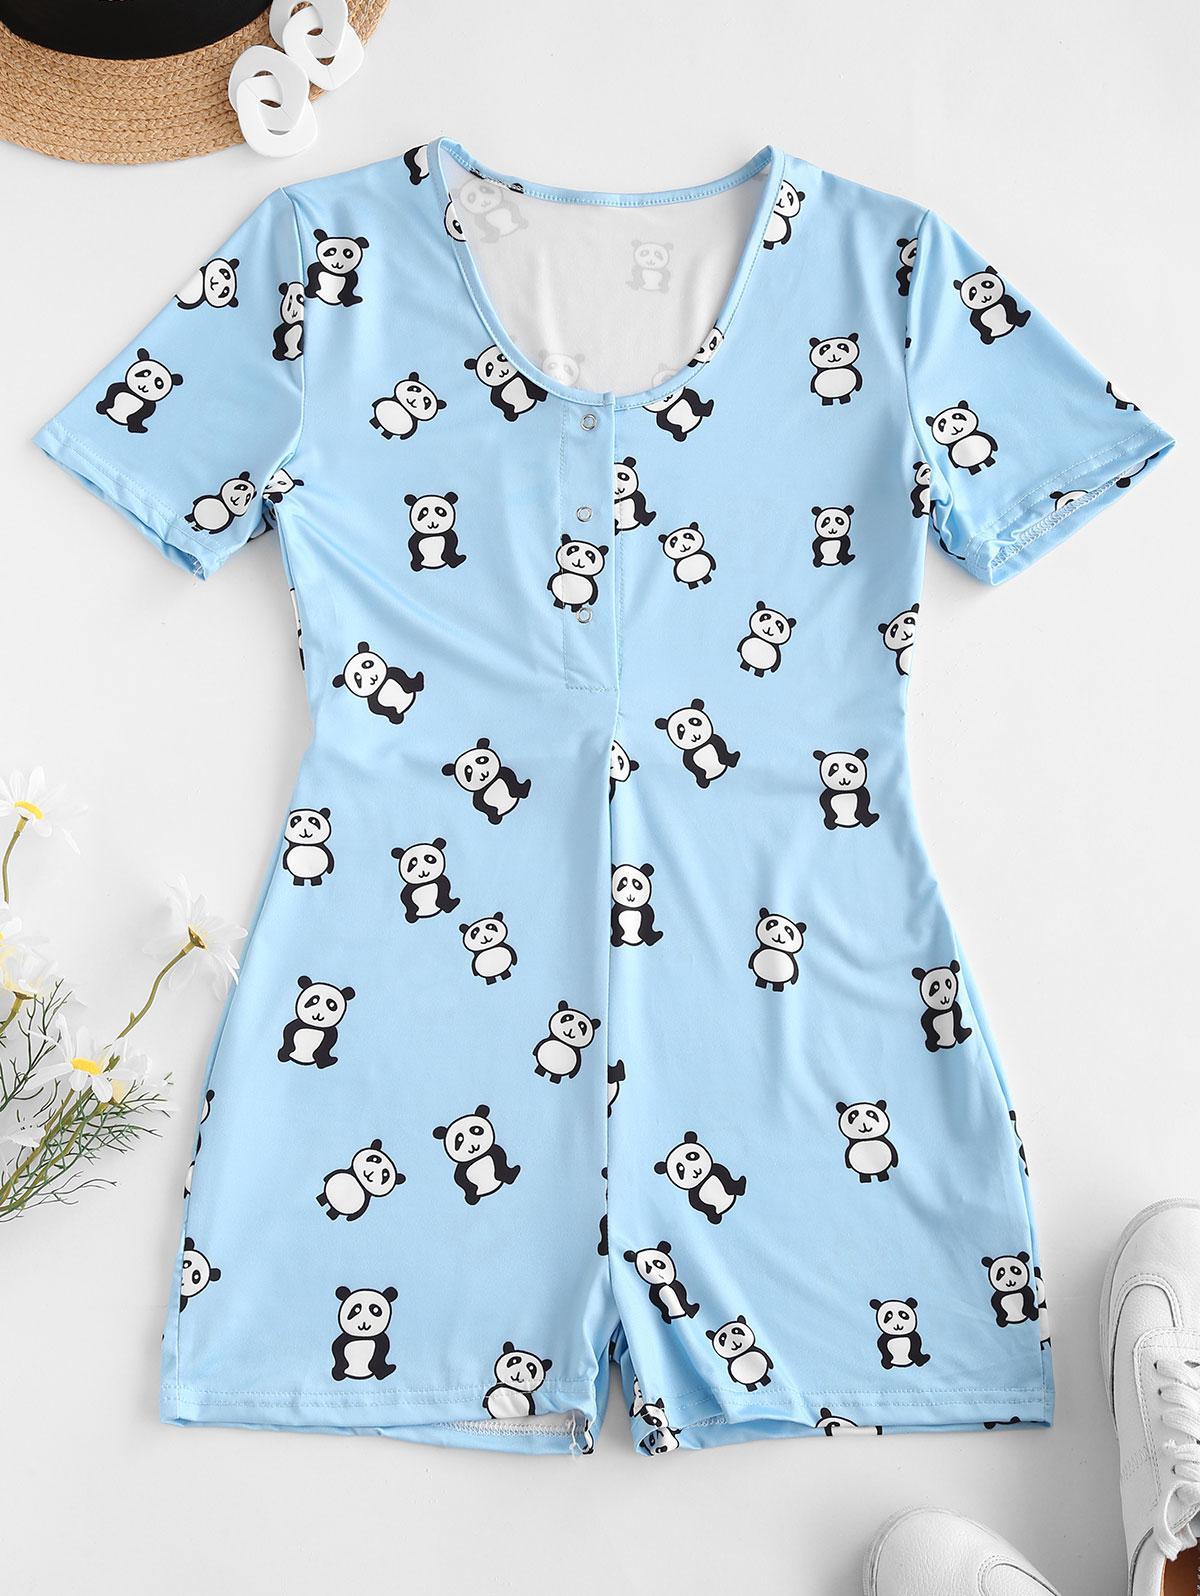 zaful Panda Print Romper